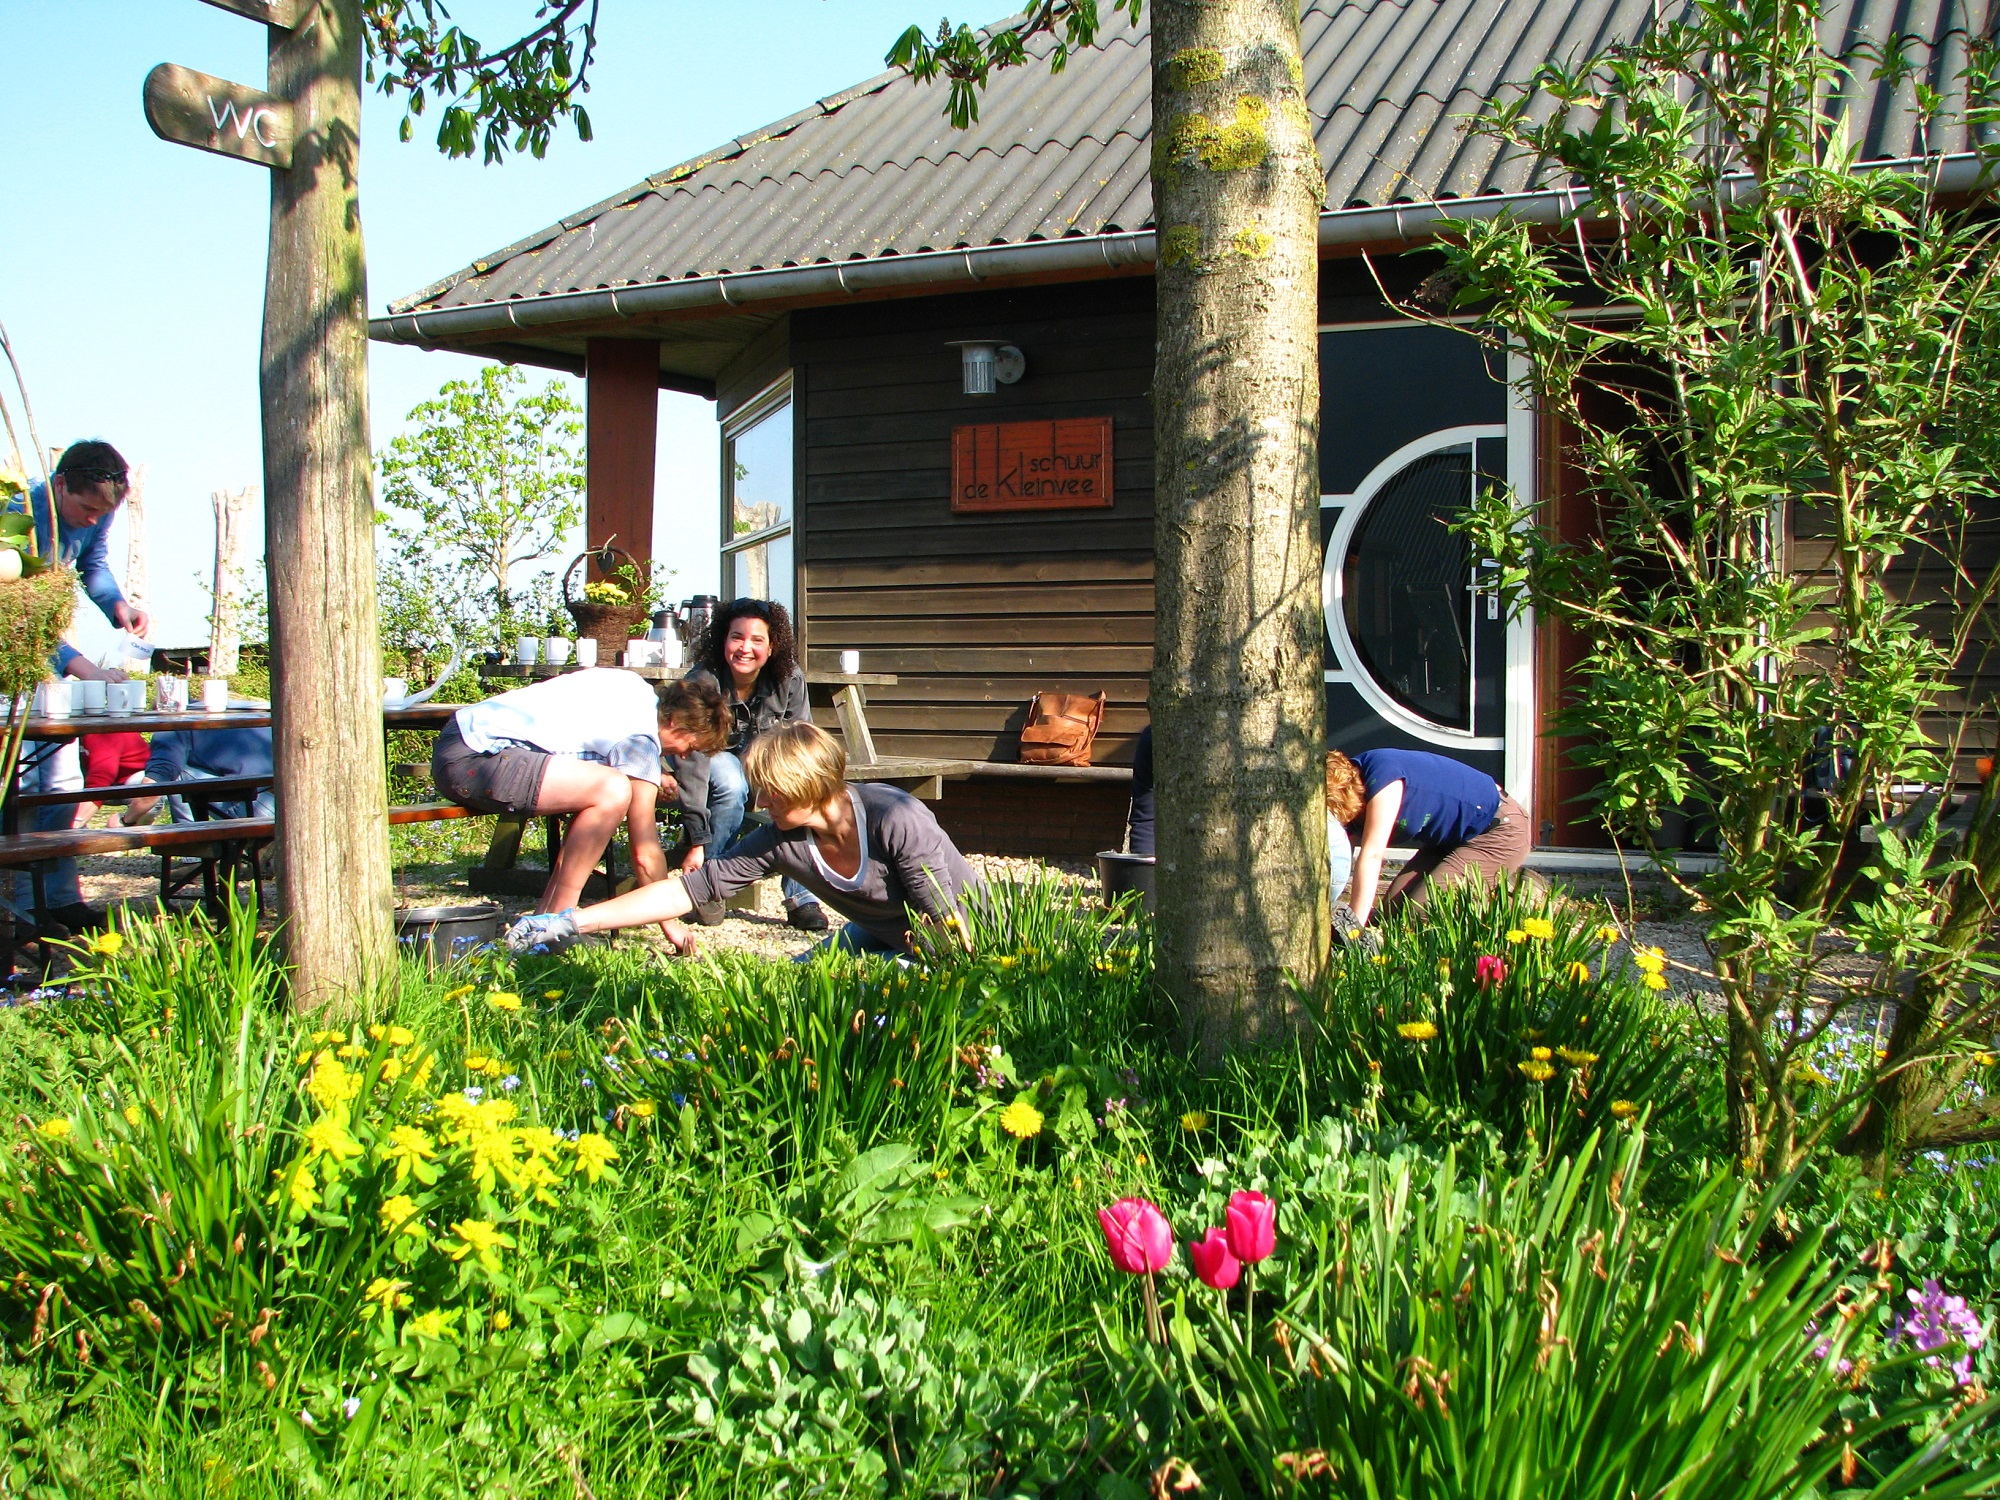 maatschappelijk ondernemen met vrijwilligerswerk in de tuin